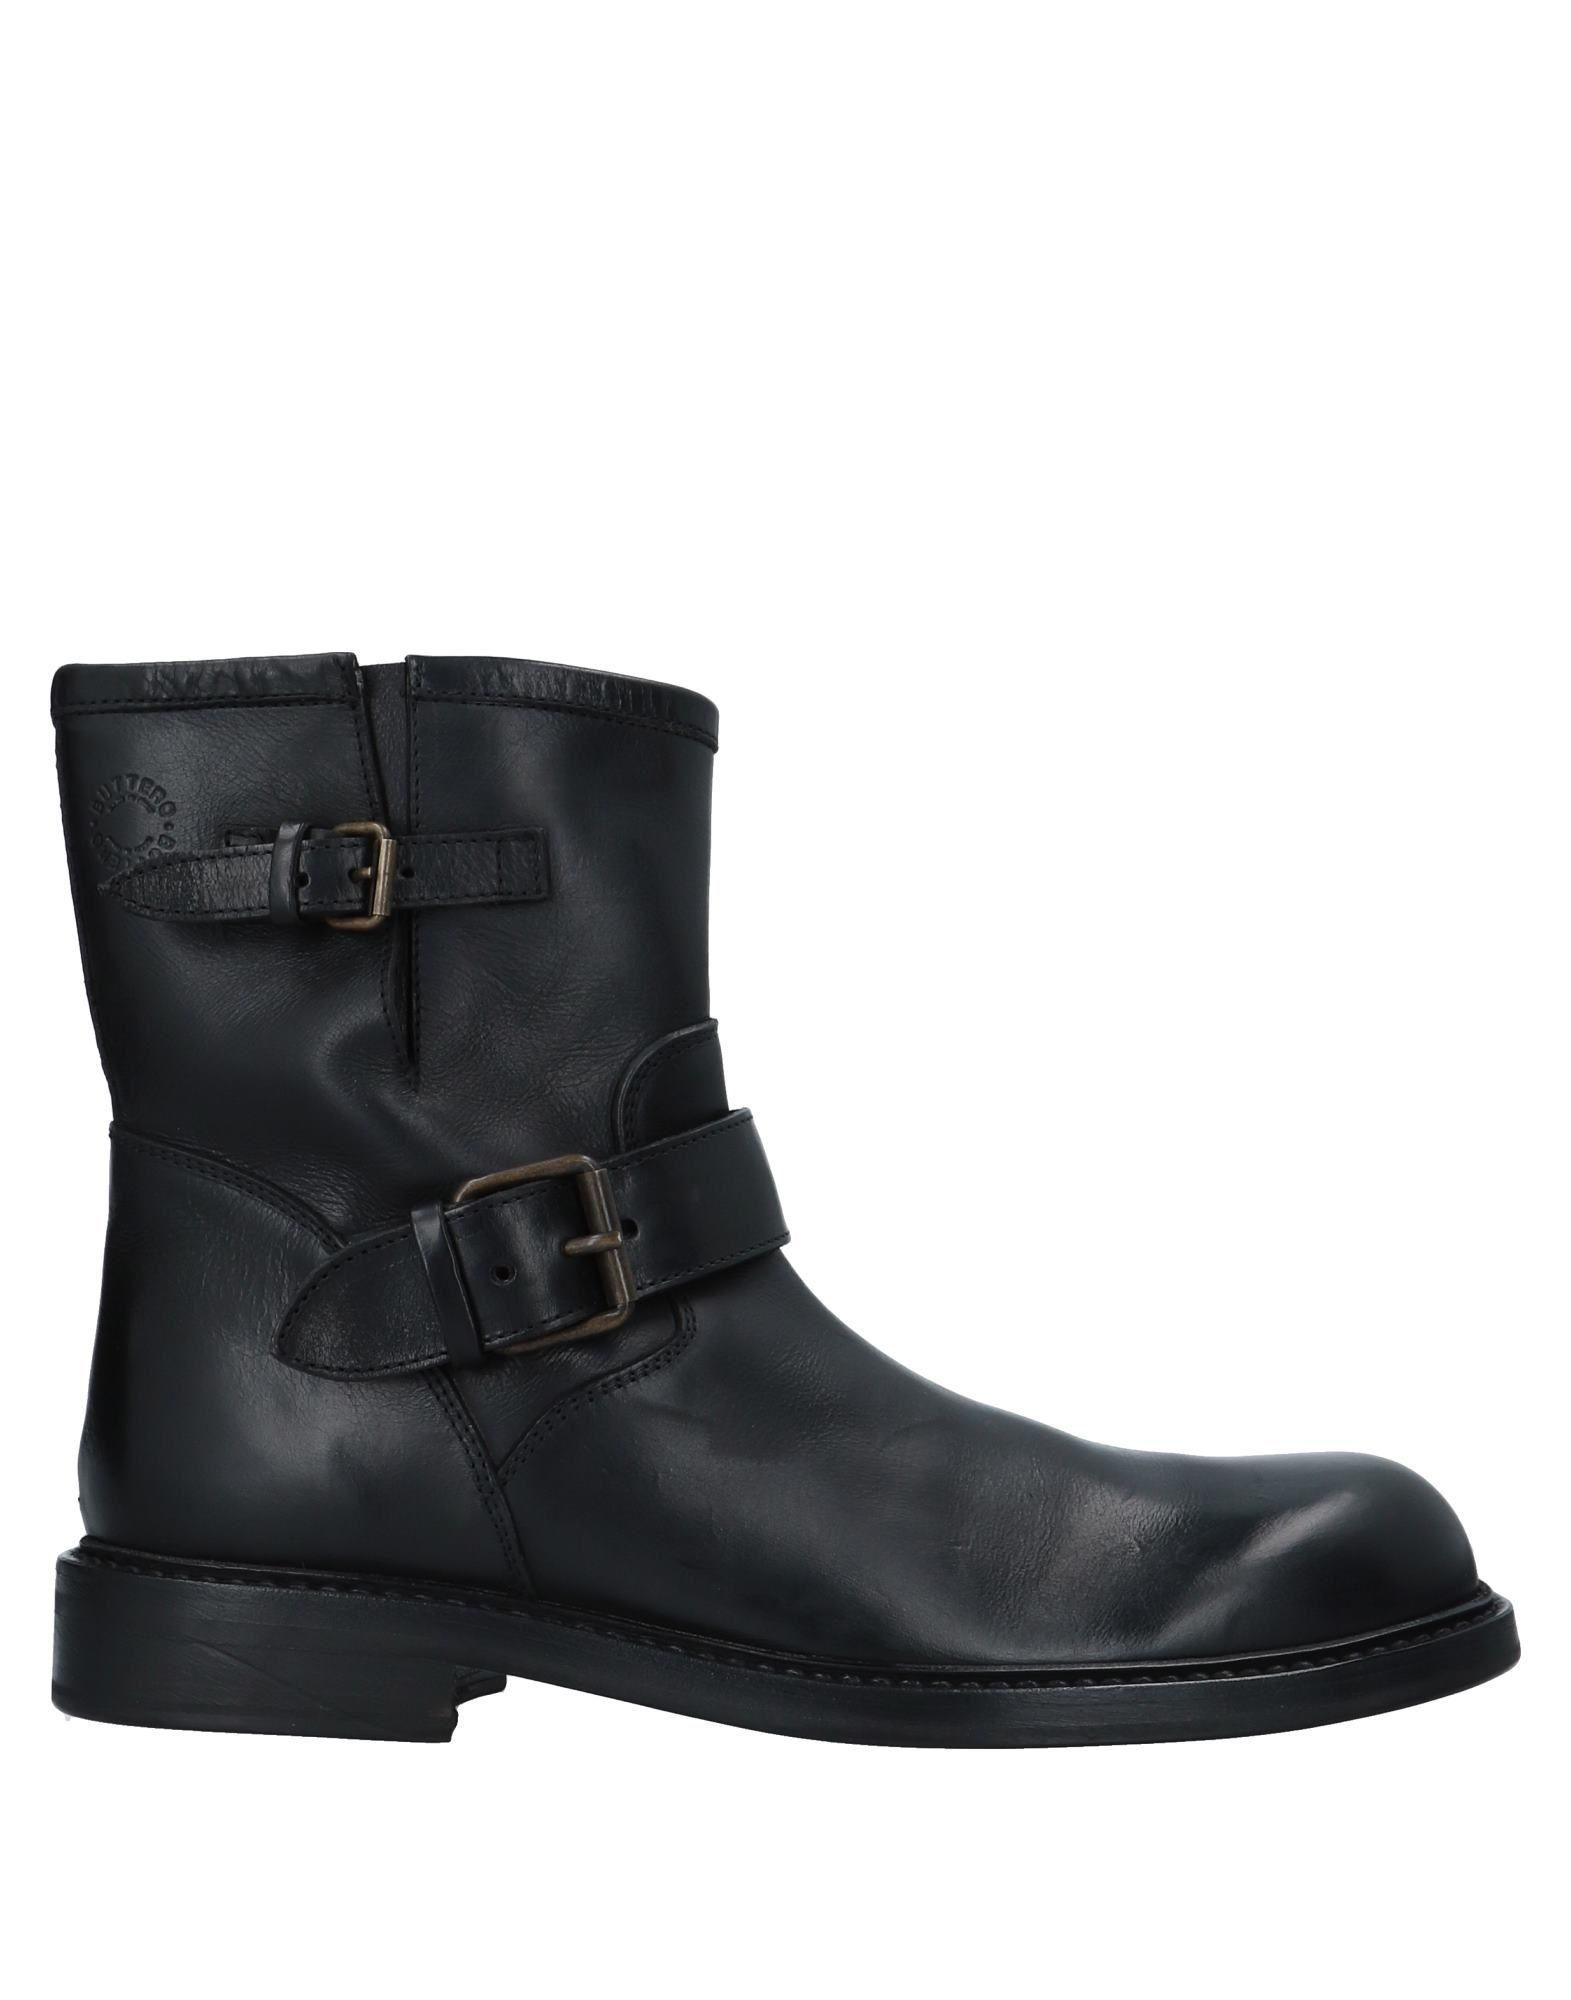 Buttero® Stiefelette Herren  11534874XB Gute Qualität beliebte Schuhe